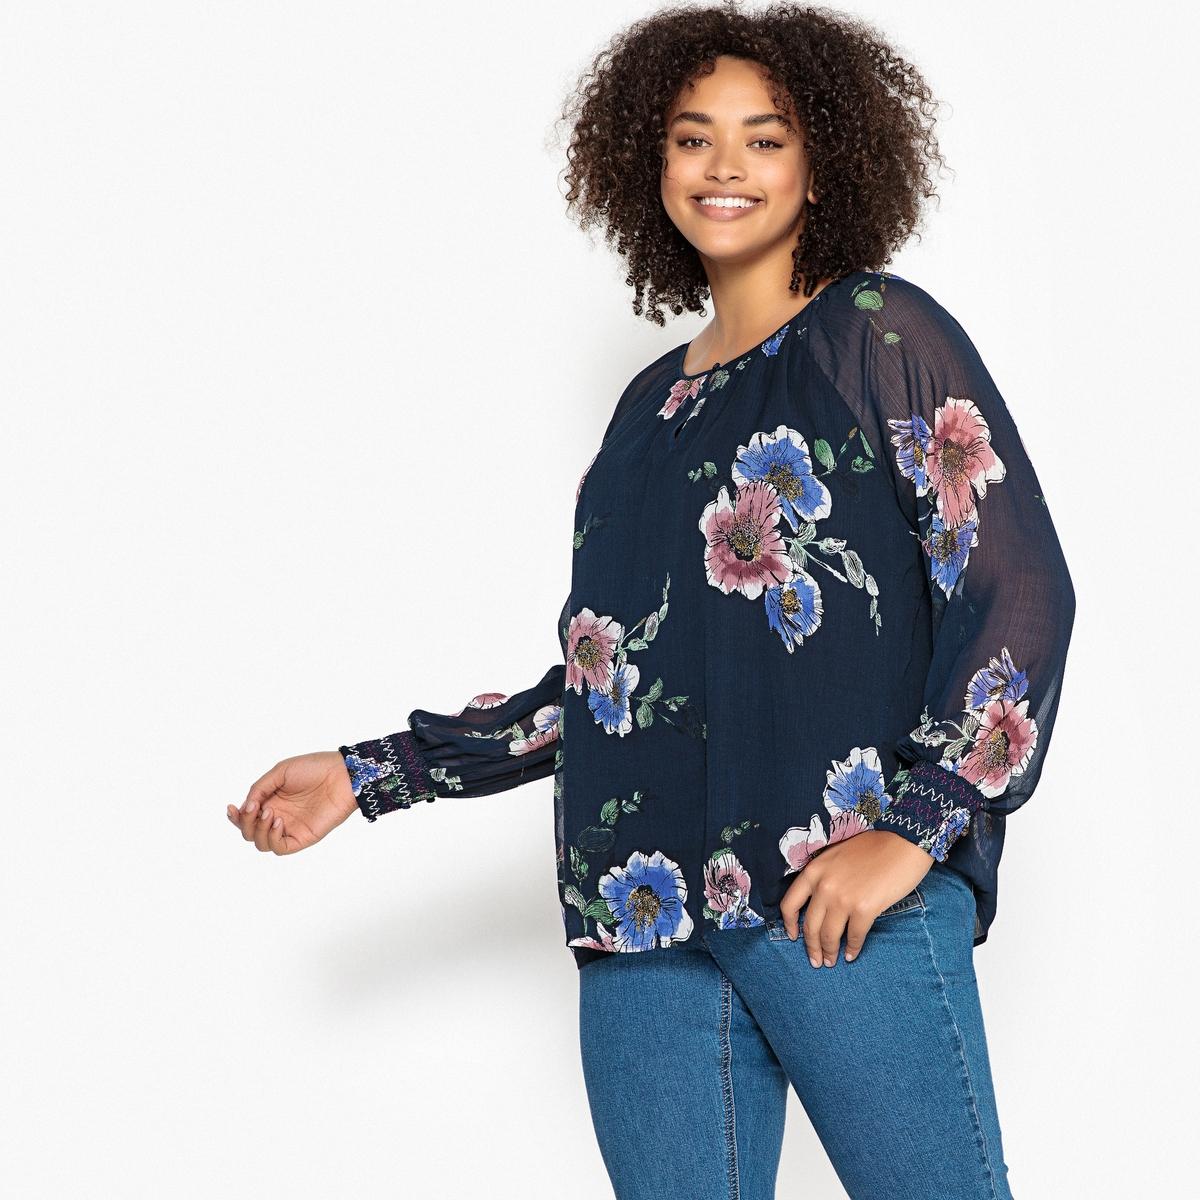 Bluzka z okrągłym dekoltem, kwiatowy wzór, długie rękawy